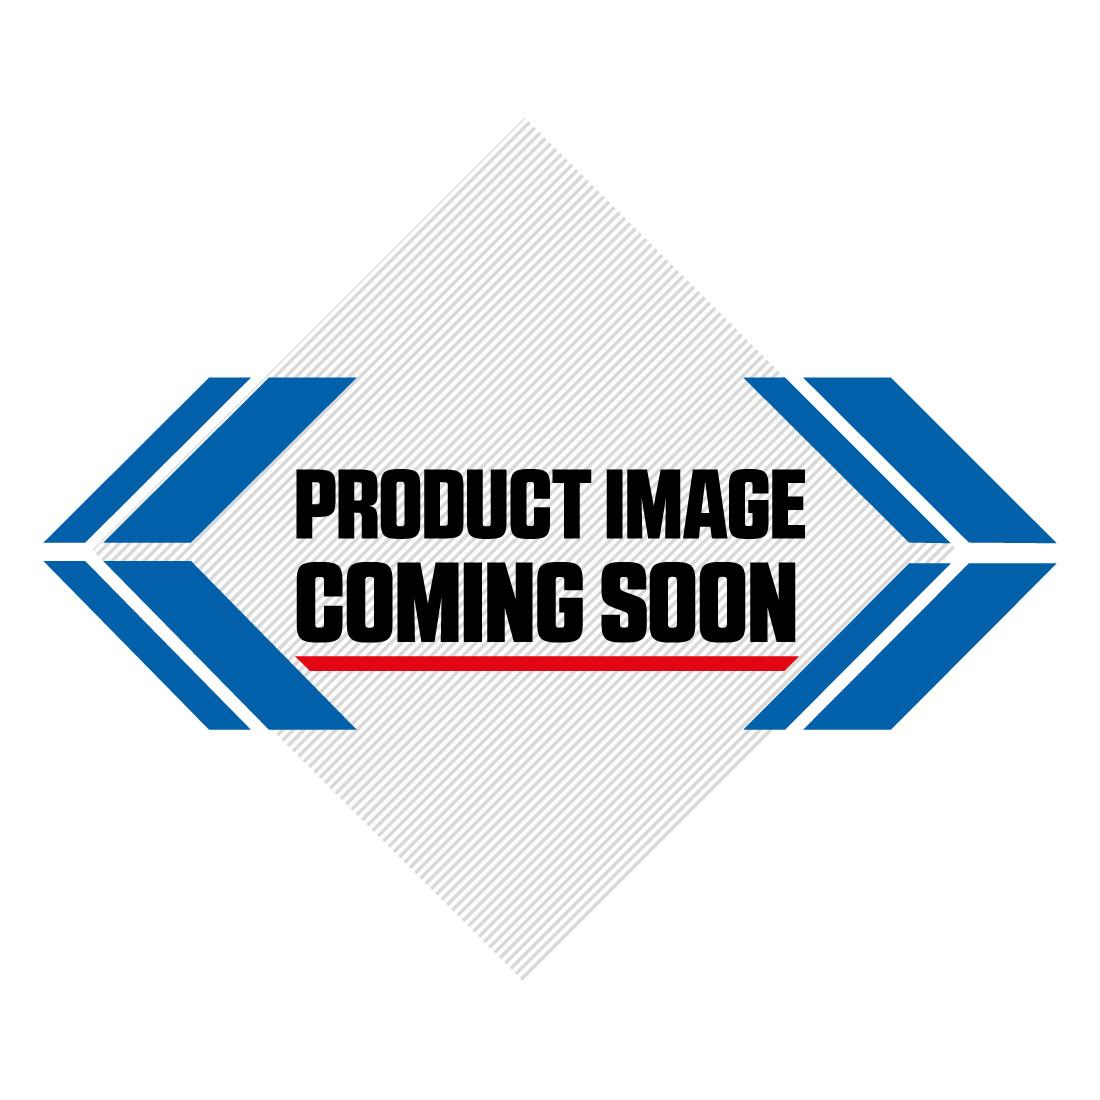 MDR 100% Armega Goggle Tear Offs Image-1